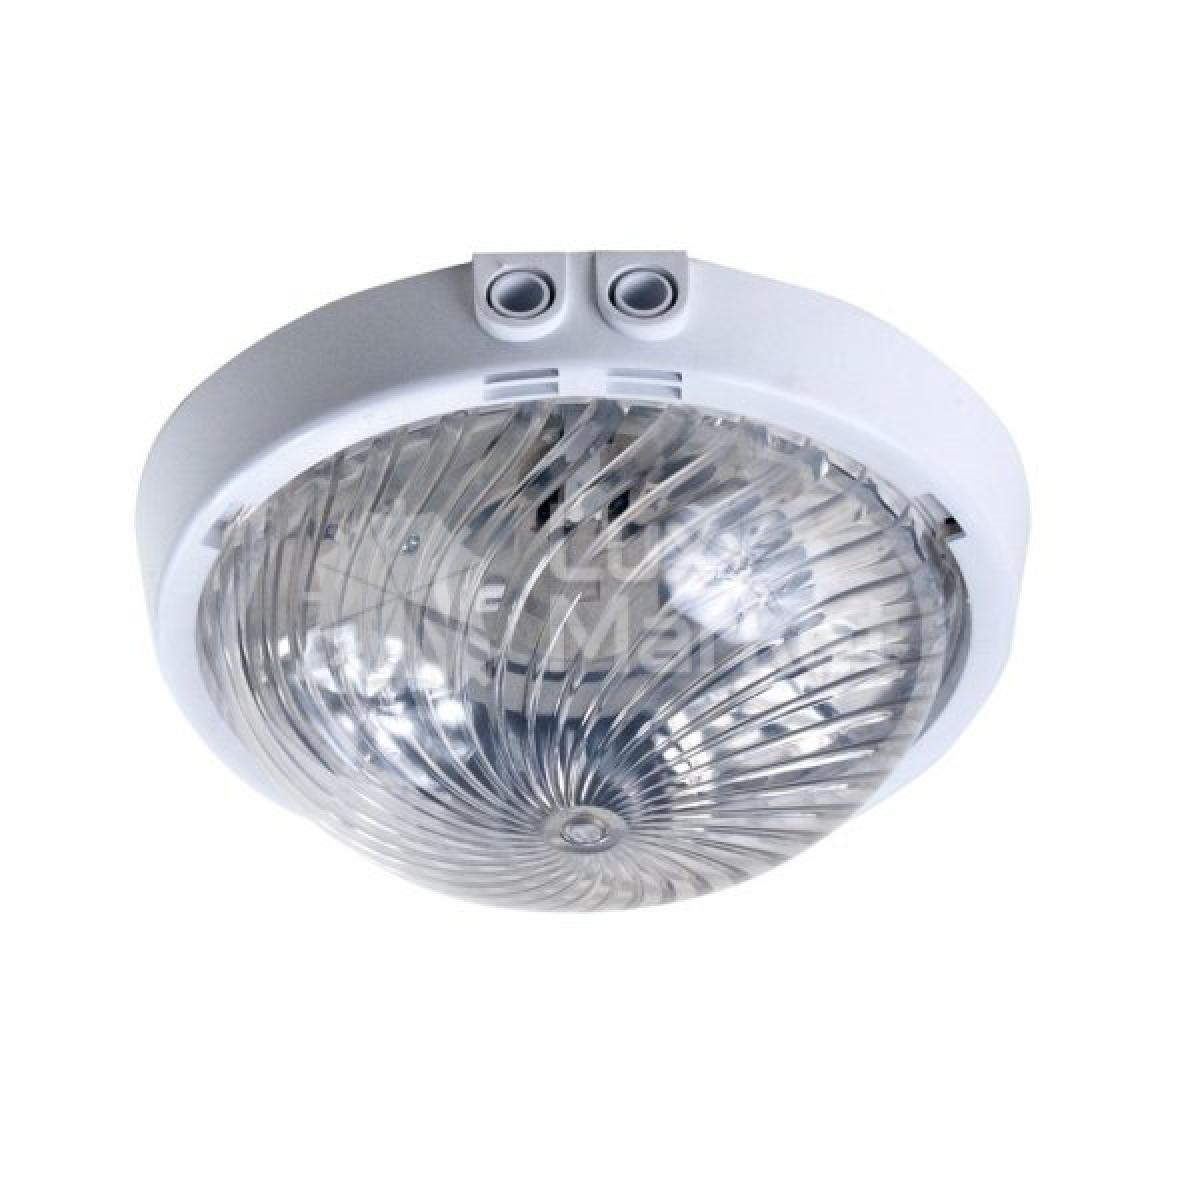 lampa z czujnikiem, kanlux